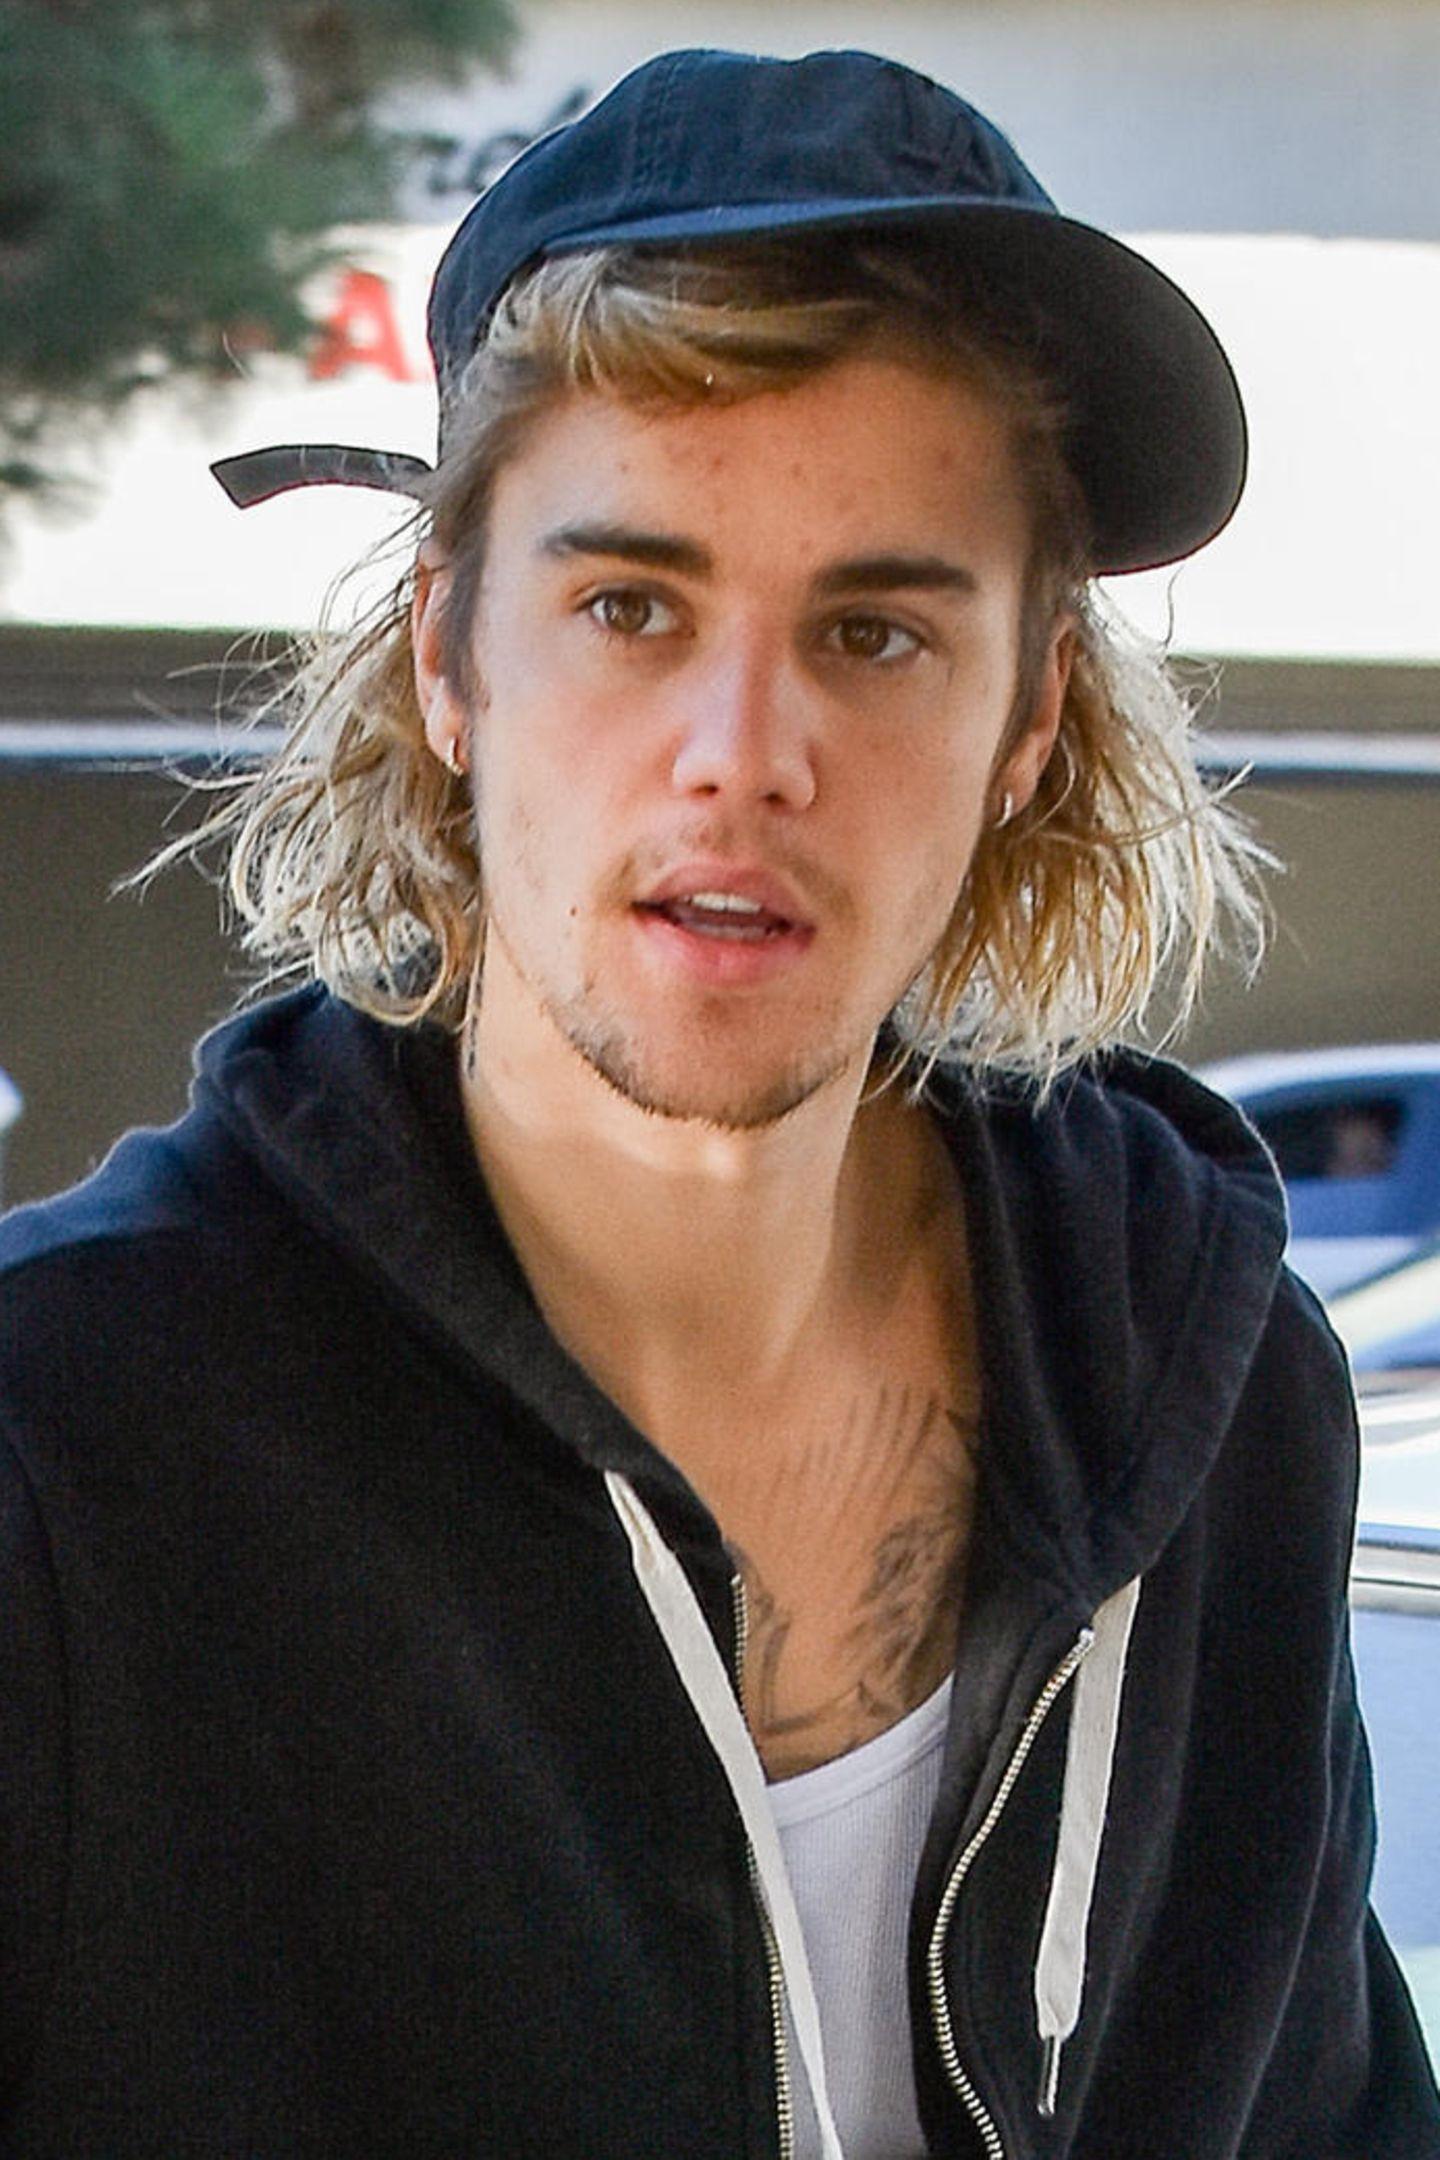 Monatelang ließ Justin Bieber sein Haar einfach wuchern. Schneiden? Pflegen? Das war nichts für den Popstar. Lieber versteckte er seine Zotteln (so gut es ging) unter einer Cap.